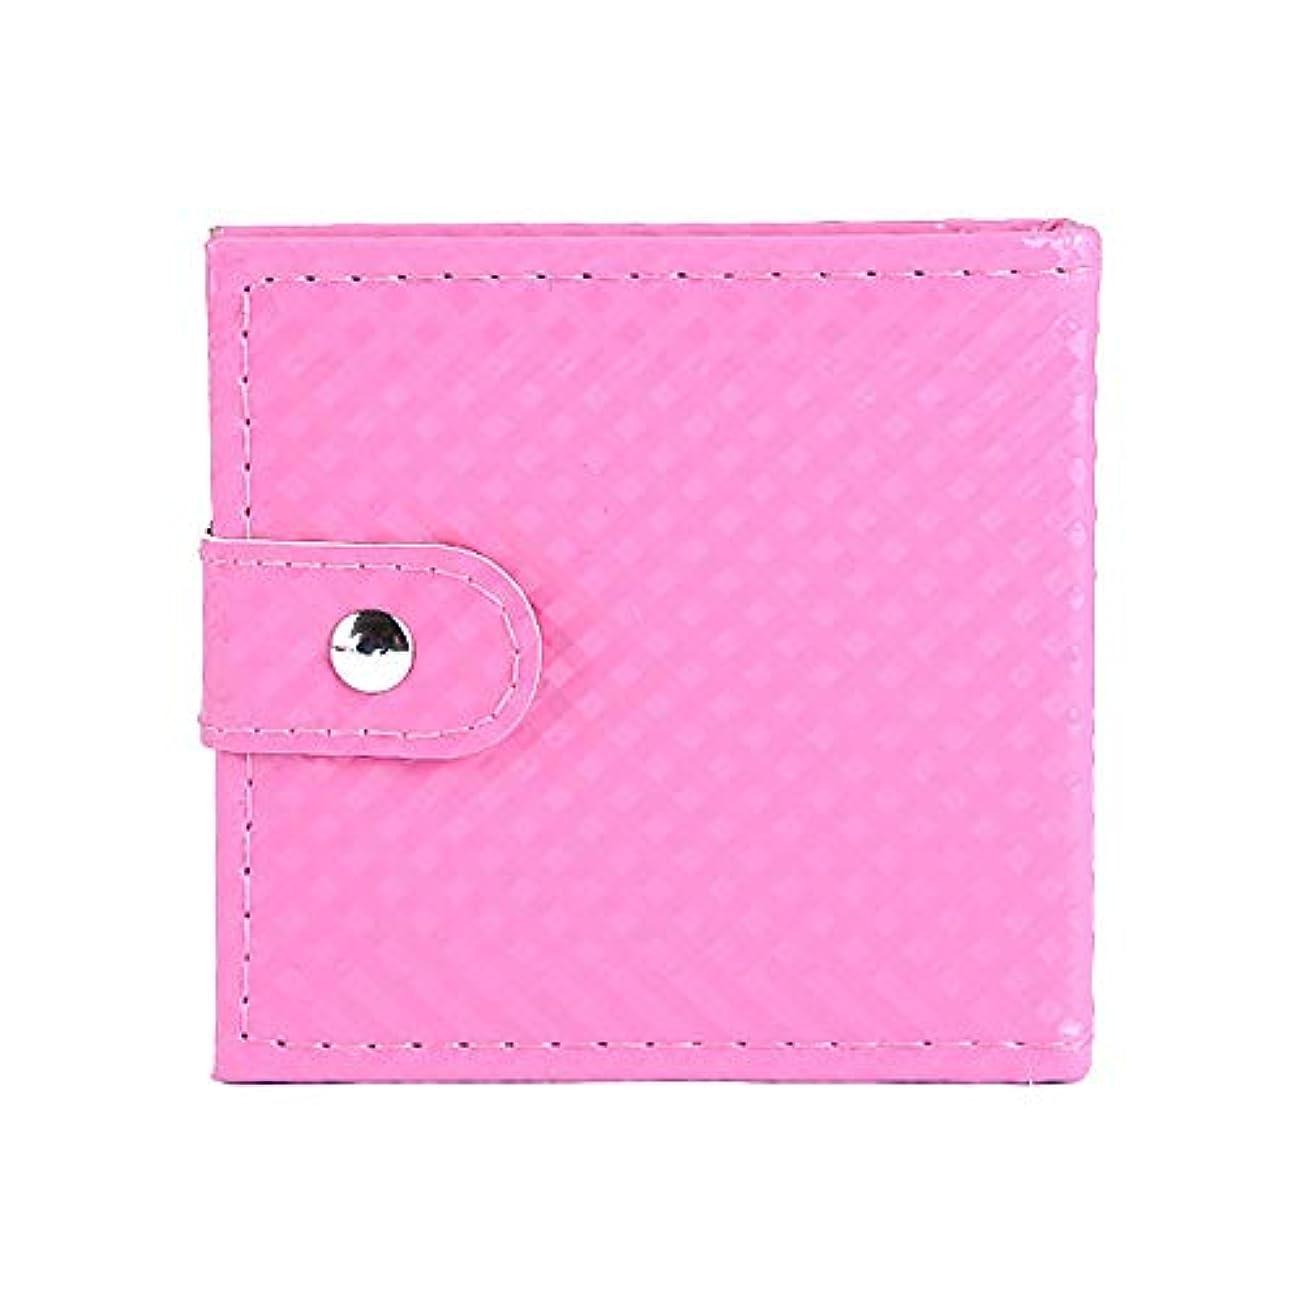 シェア尋ねる控えめなAkane アイシャドウパレット 可愛い 魅力的 ファッション 人気 気質的 グロス 持ち便利 チャーム 防水 長持ち おしゃれ Eye Shadow (32色) YYP